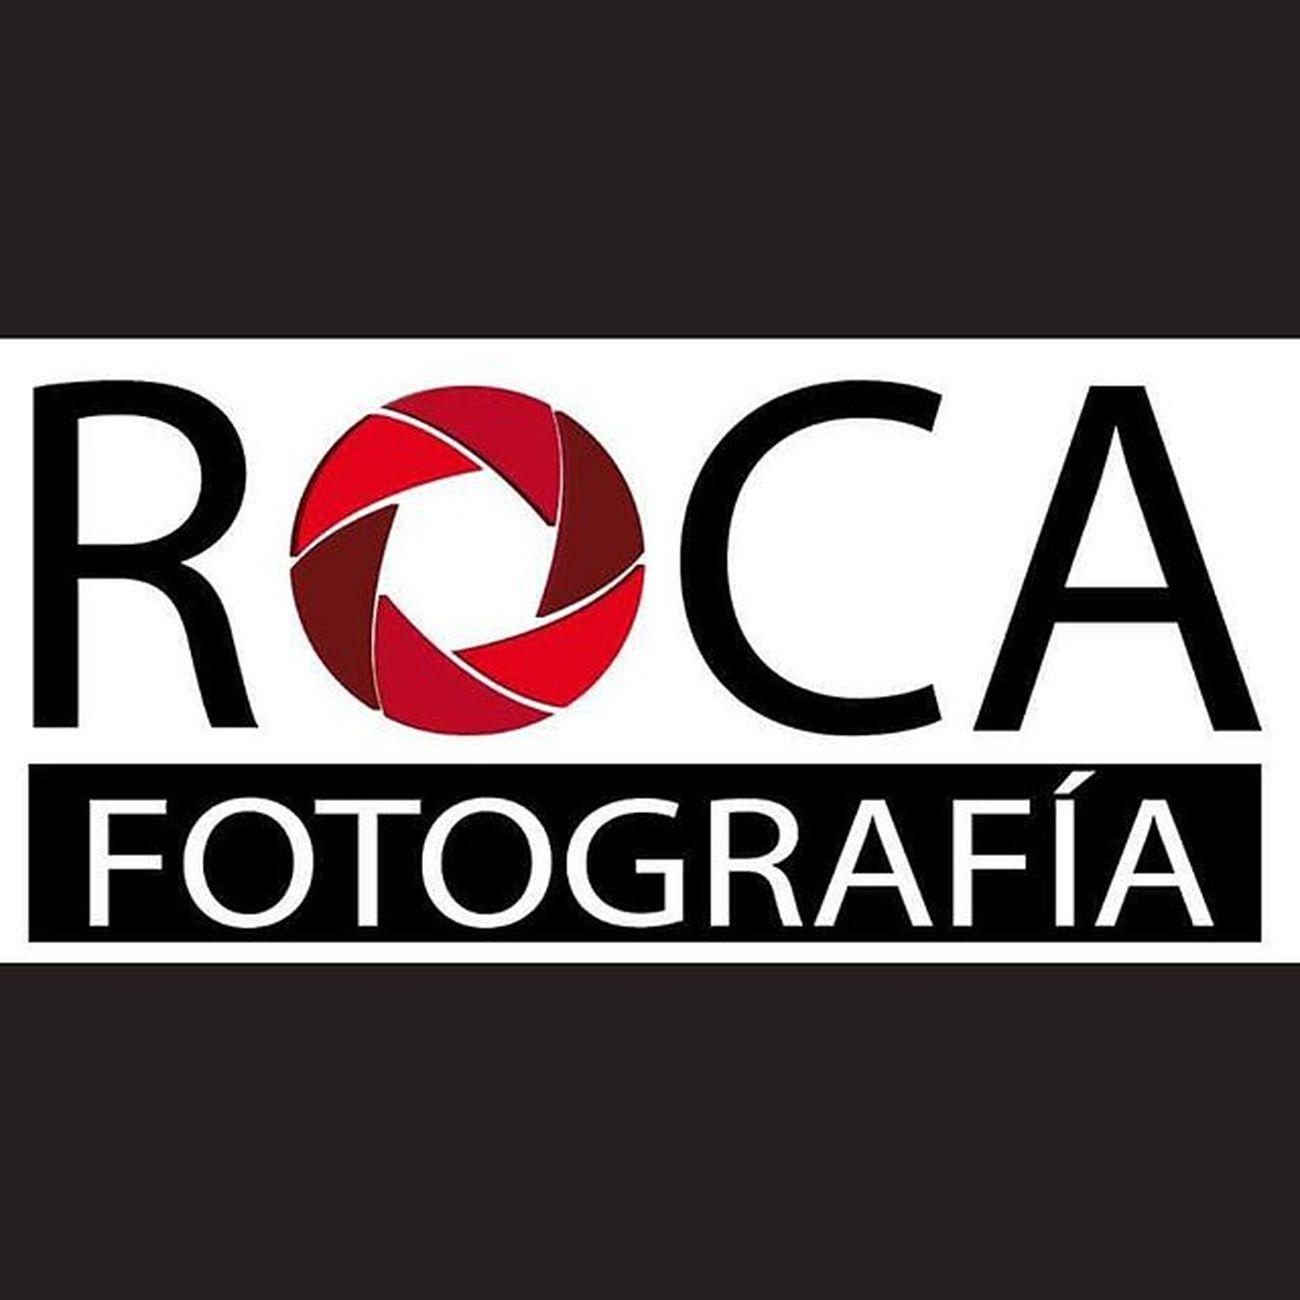 Canon Canon_official 5dmarkll Mimexico Tdt Rocafografia Fotografo Yúcatan Igersyucatan Bodas Weddingseason Weddingphotographer Arte